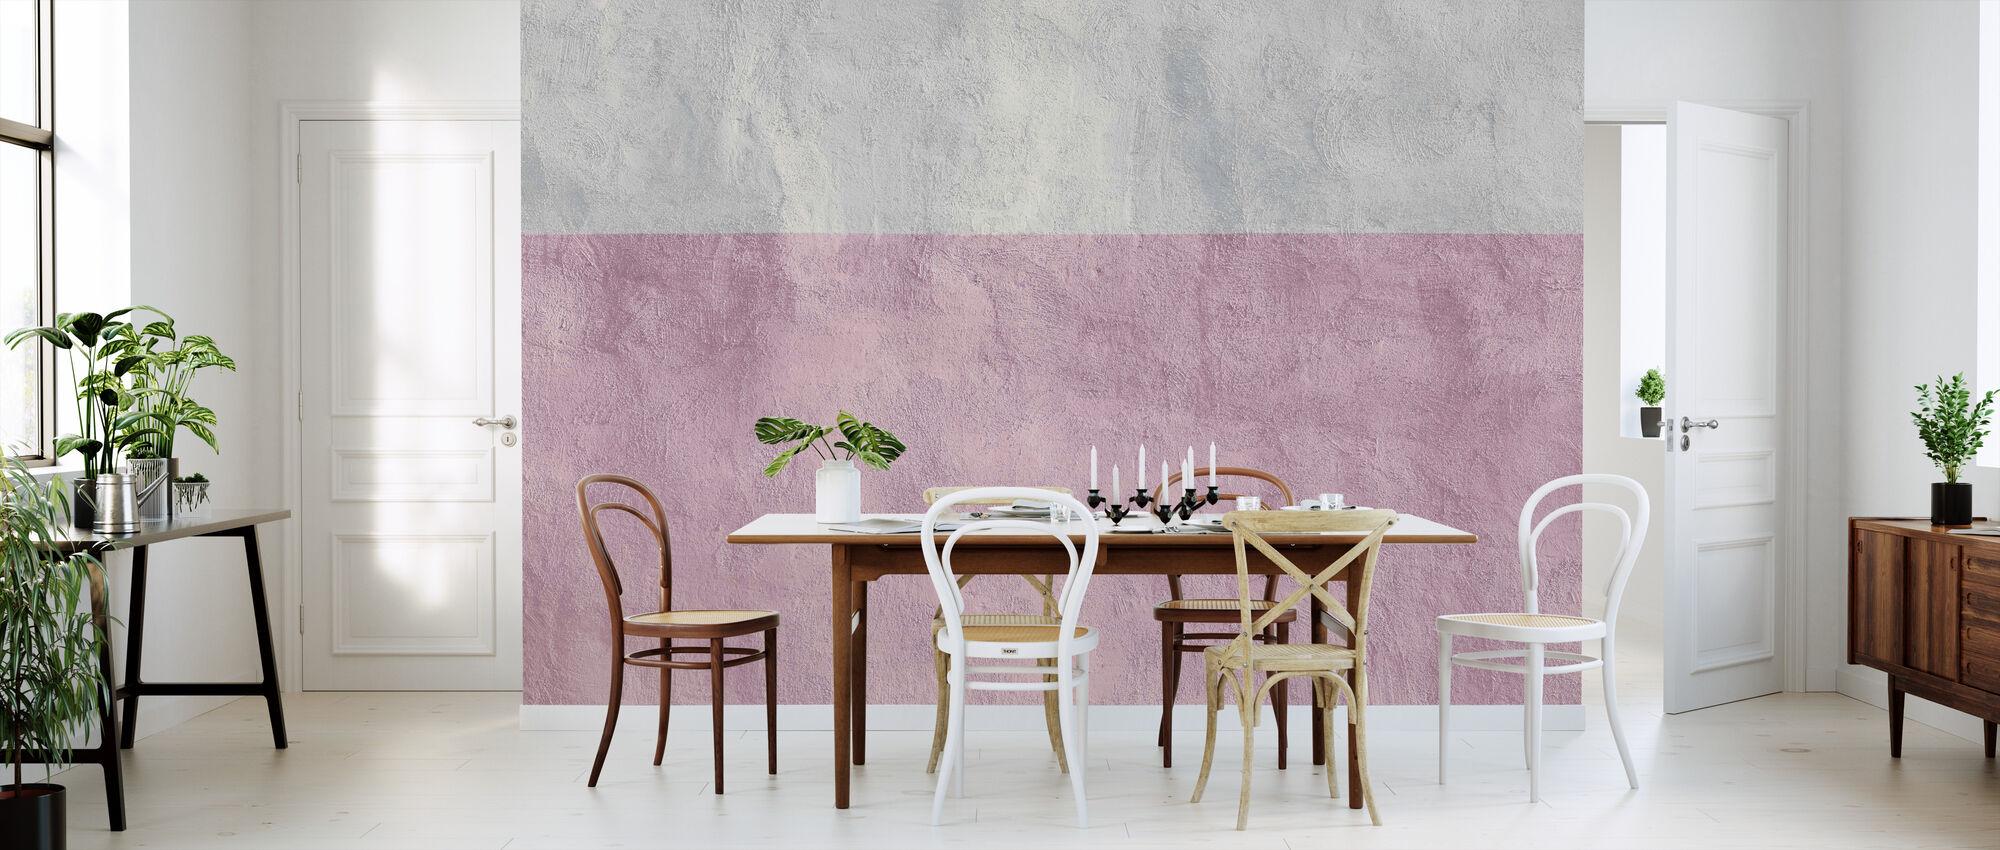 Two-Tone Wallpaper - Wallpaper - Kitchen